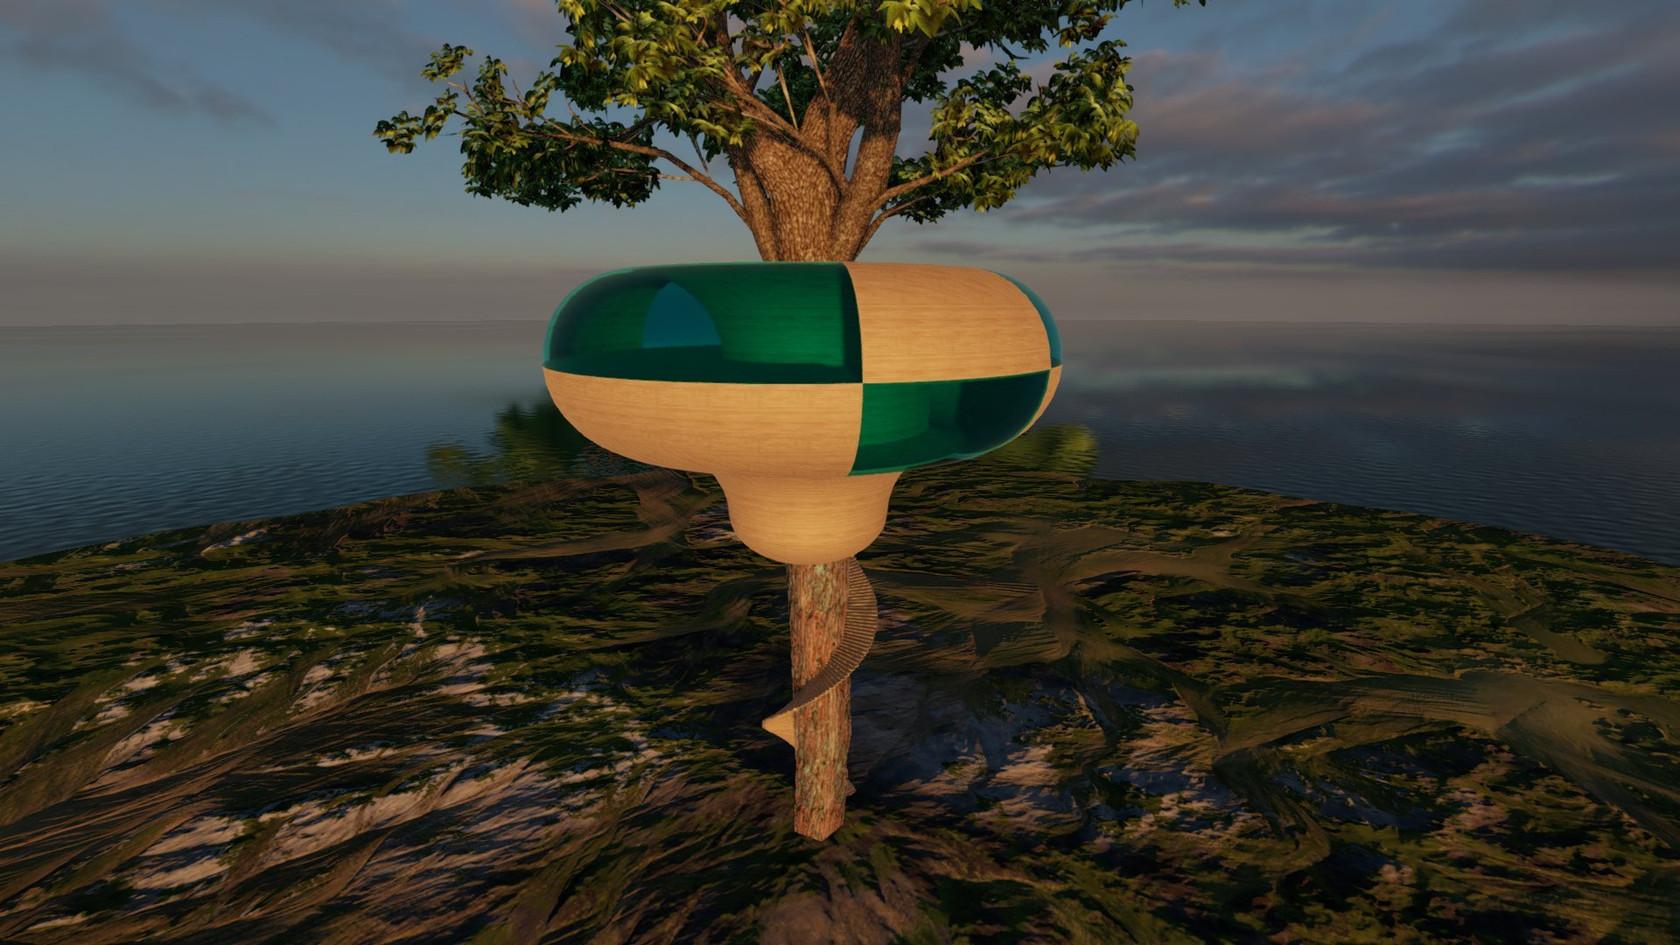 Empty Tree House by Torax